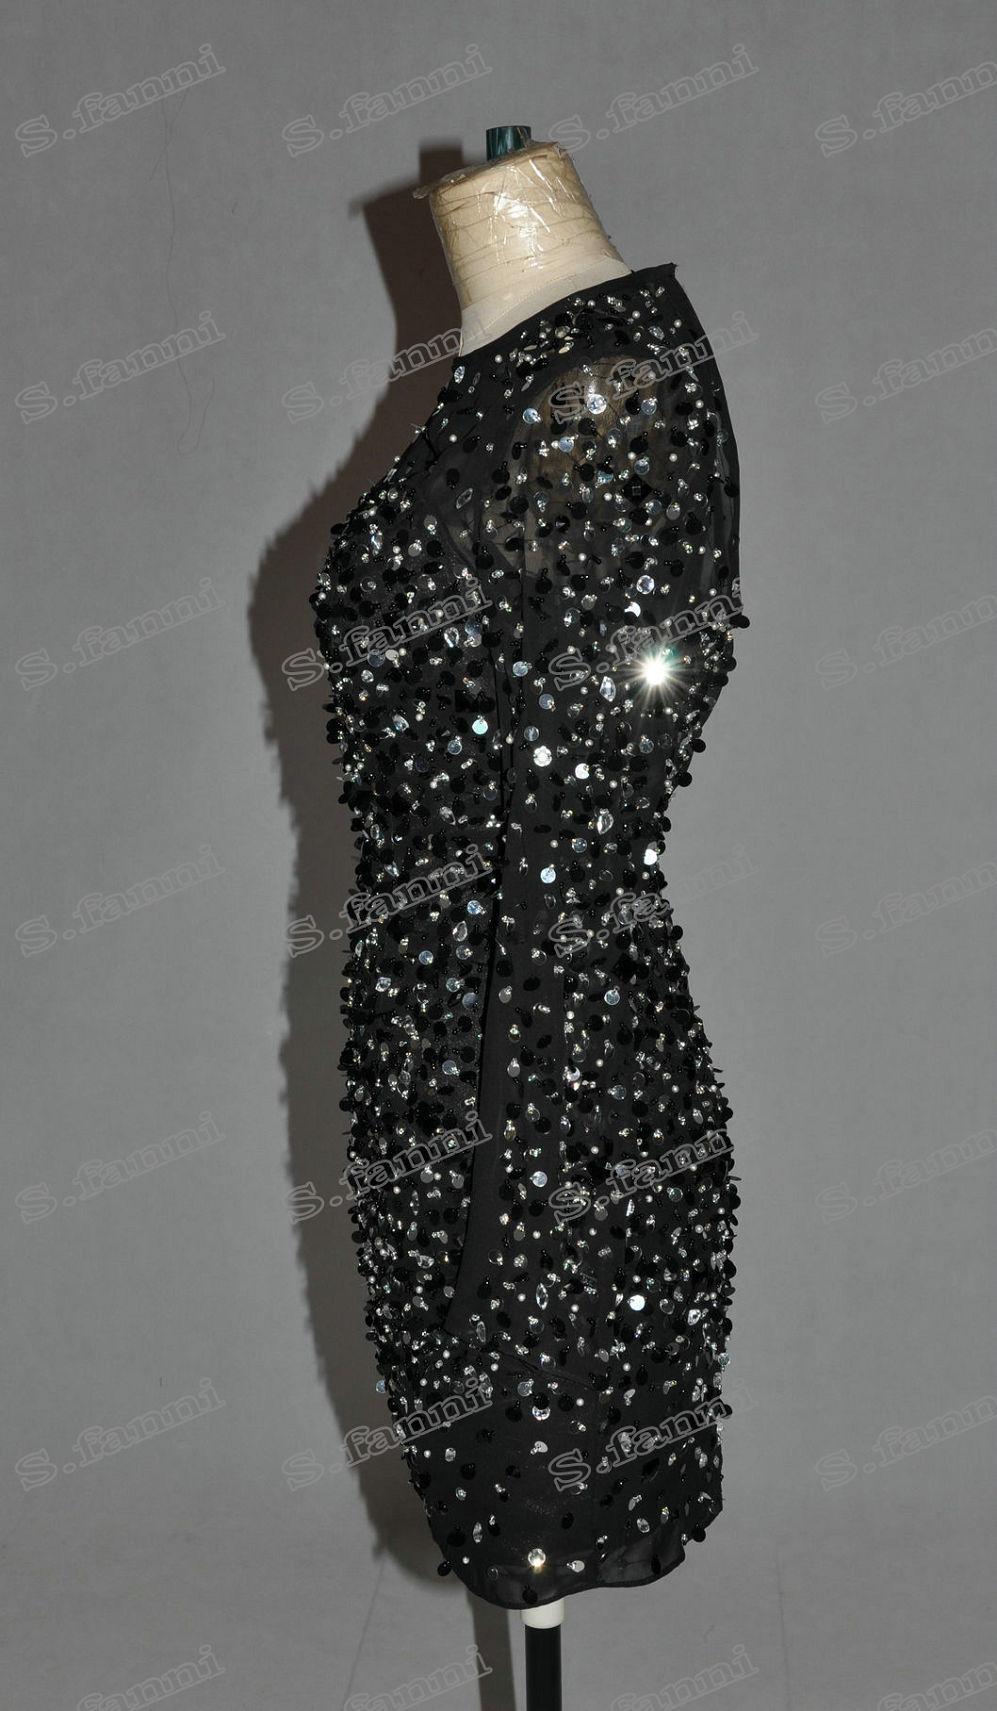 2021 새로운 도착 긴 소매 파란색 미니 파티 드레스 고객이 만든 칵테일 드레스 특별 행사 파티 가운 구슬